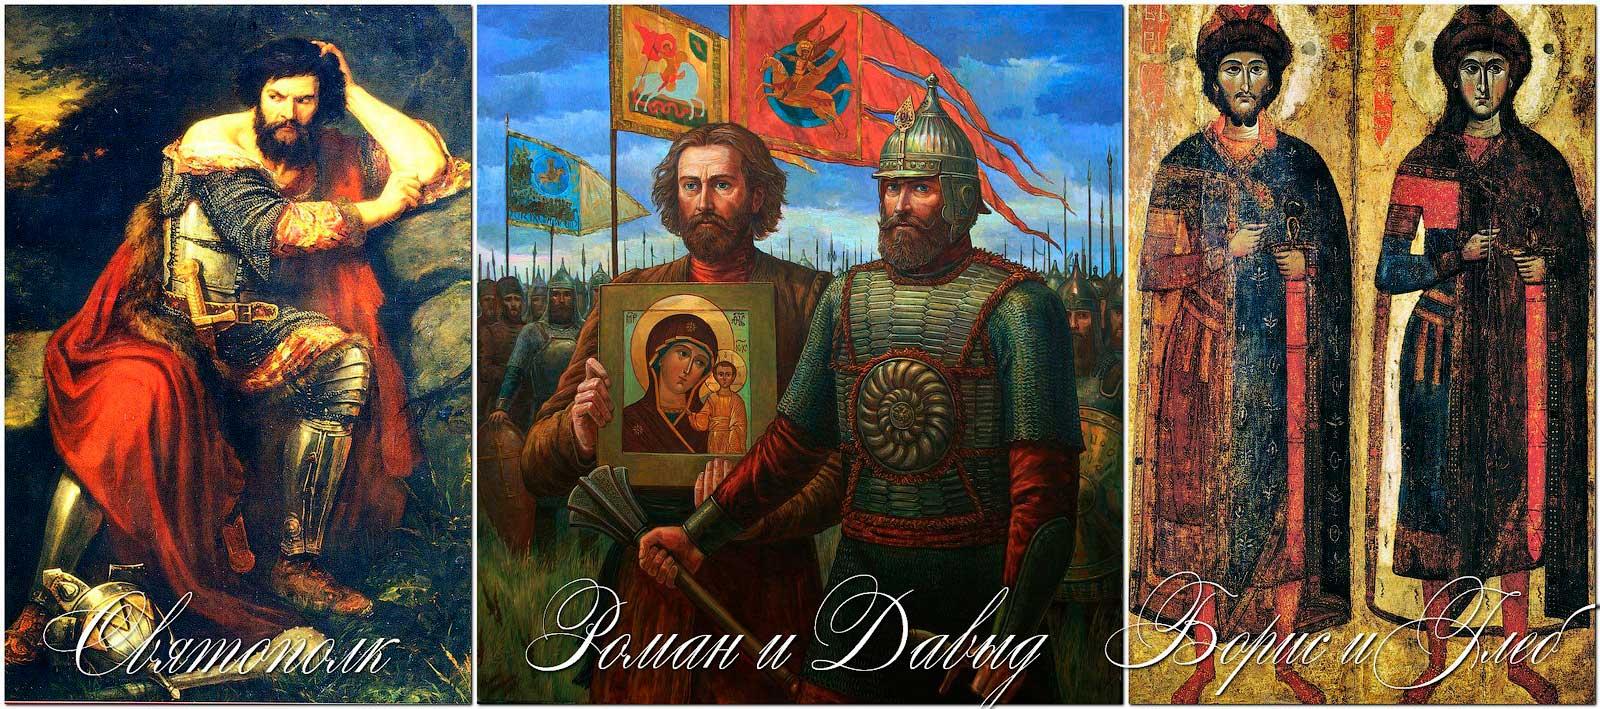 Святополк, Роман и Давыд, Борис и Глеб